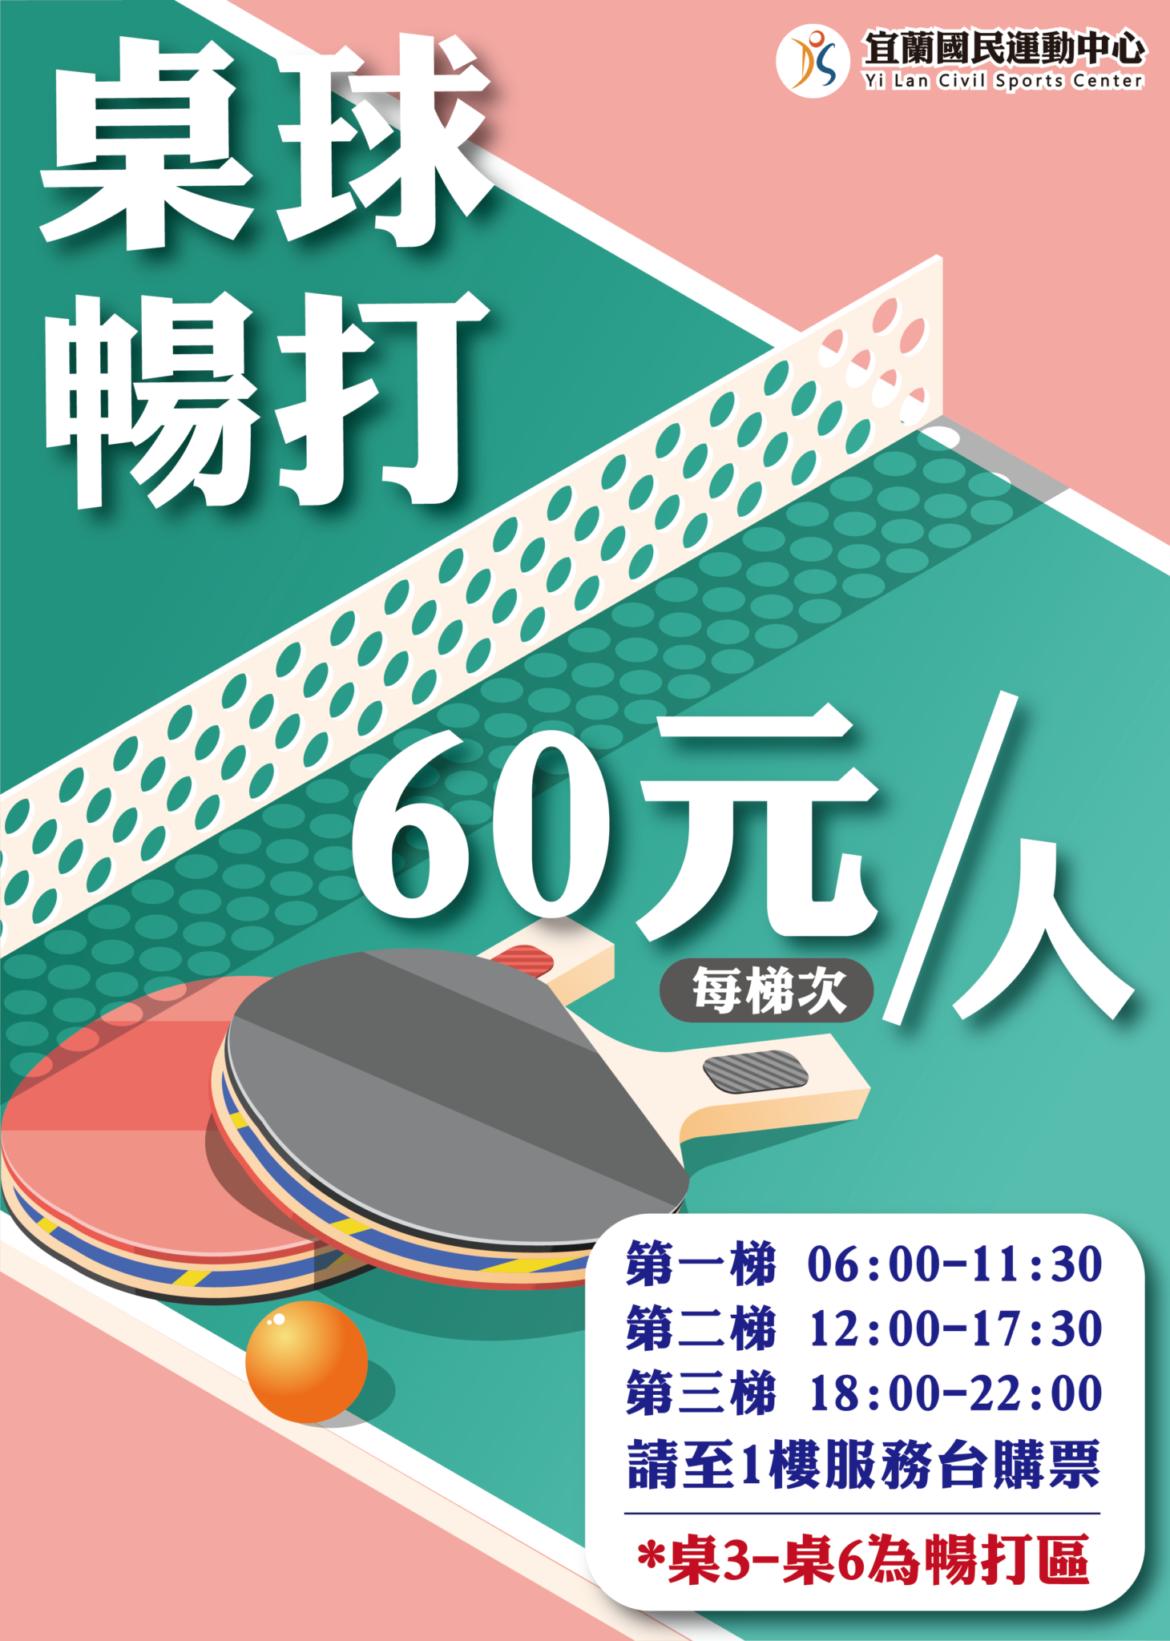 【桌球暢打60元/人】